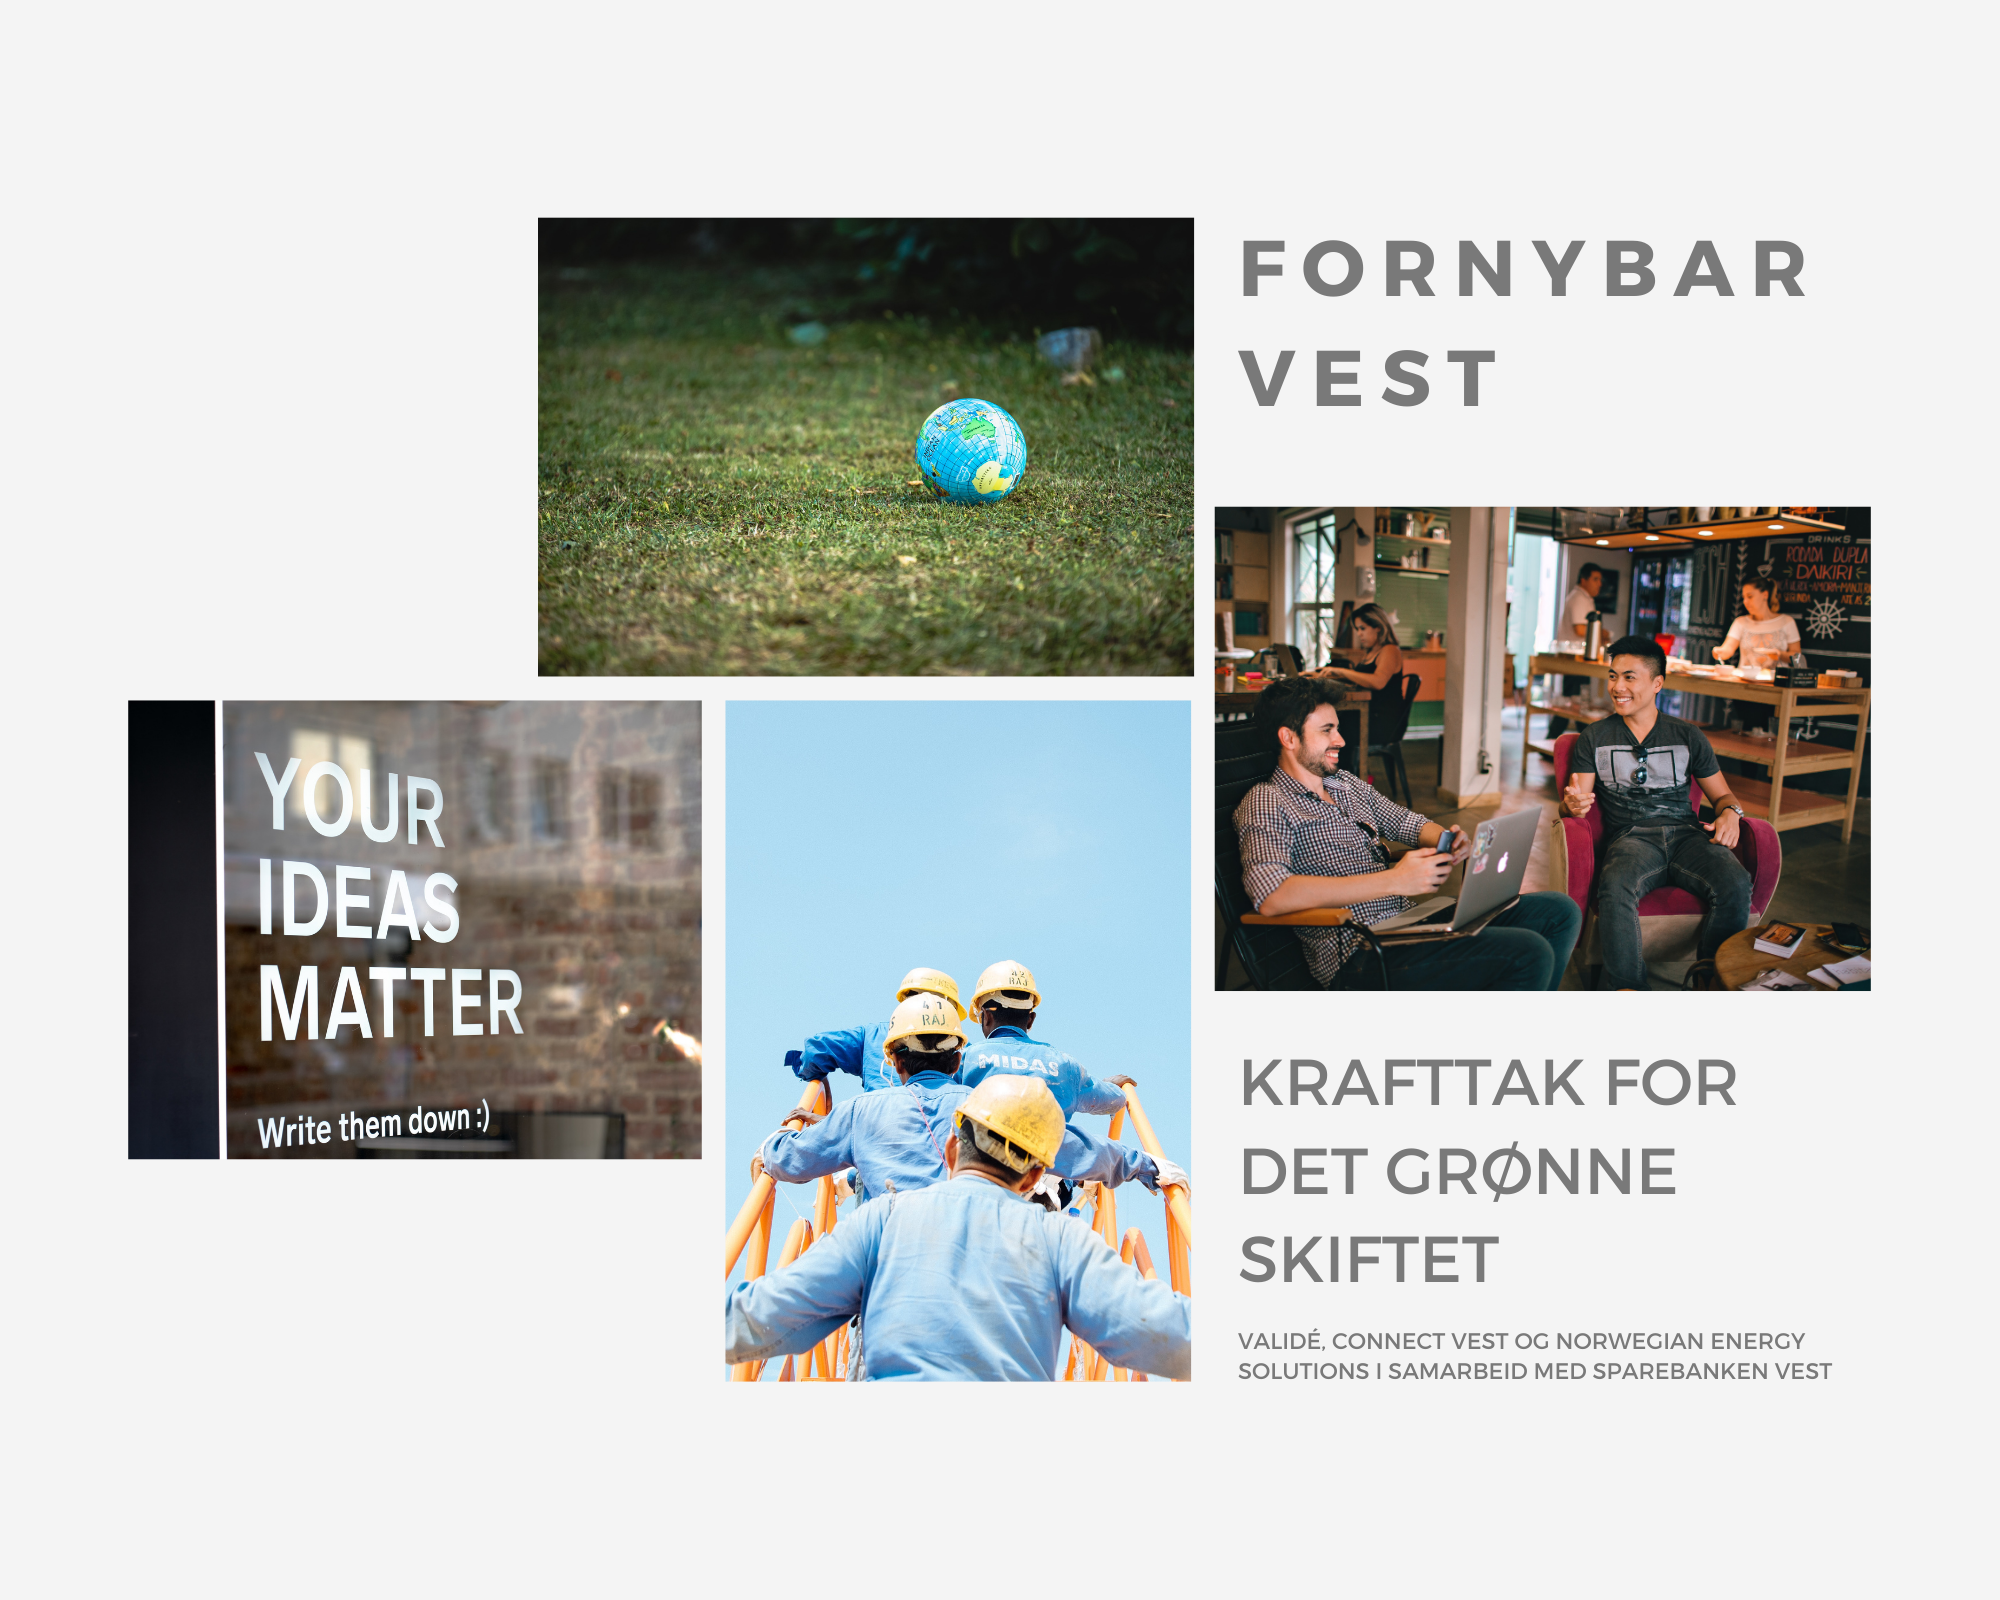 Forny-barVest.collage.SISTE.png#asset:1896